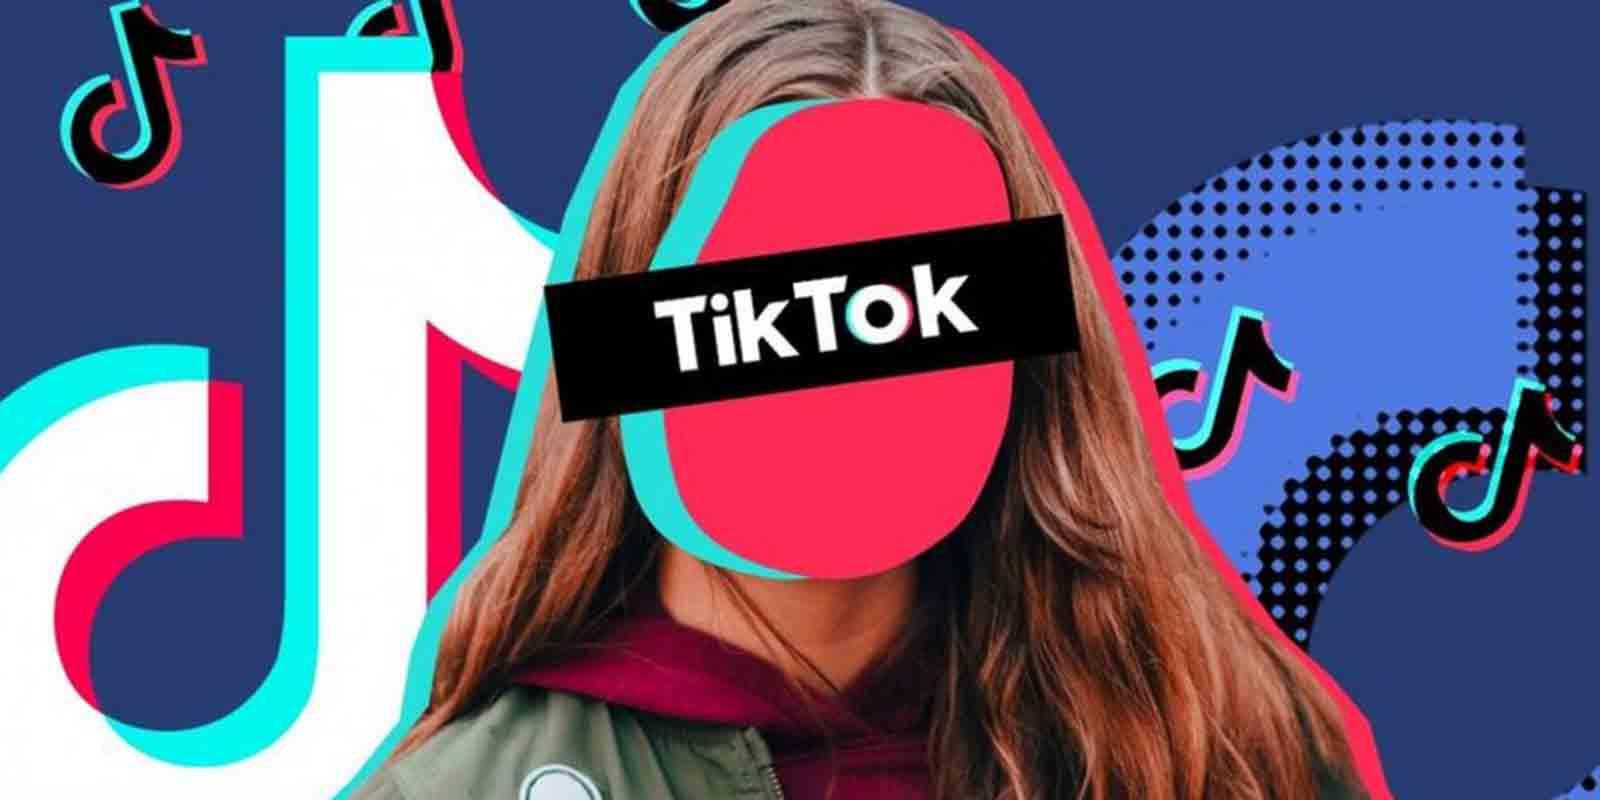 Trucos evitar hijos usen TikTok